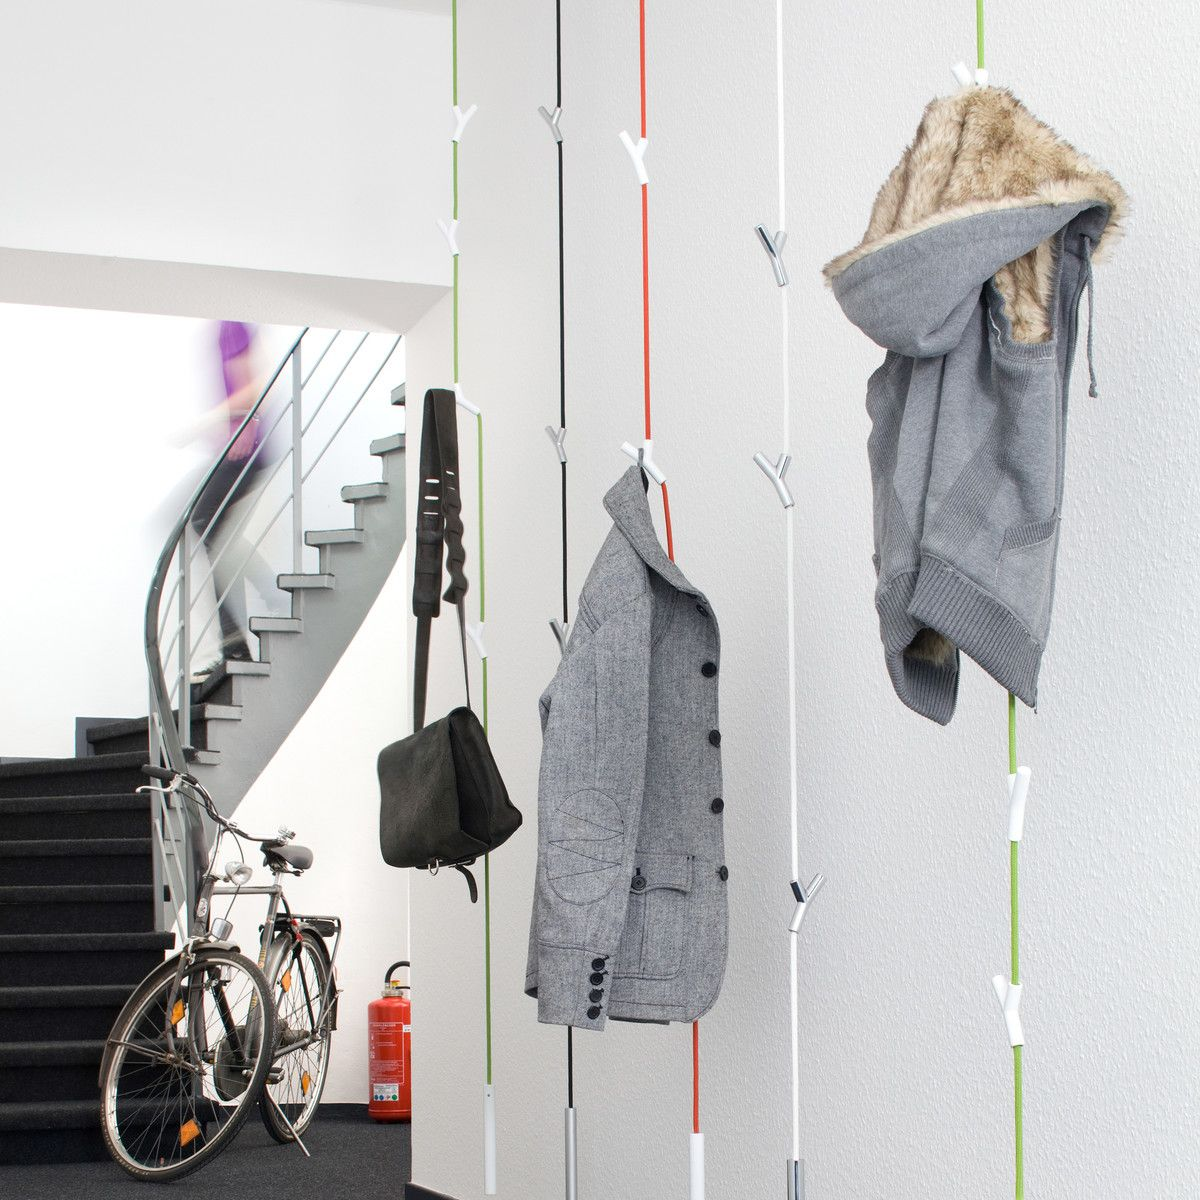 Wohndesign Flur: Wardrope Garderobenseil, Grün / Weiß